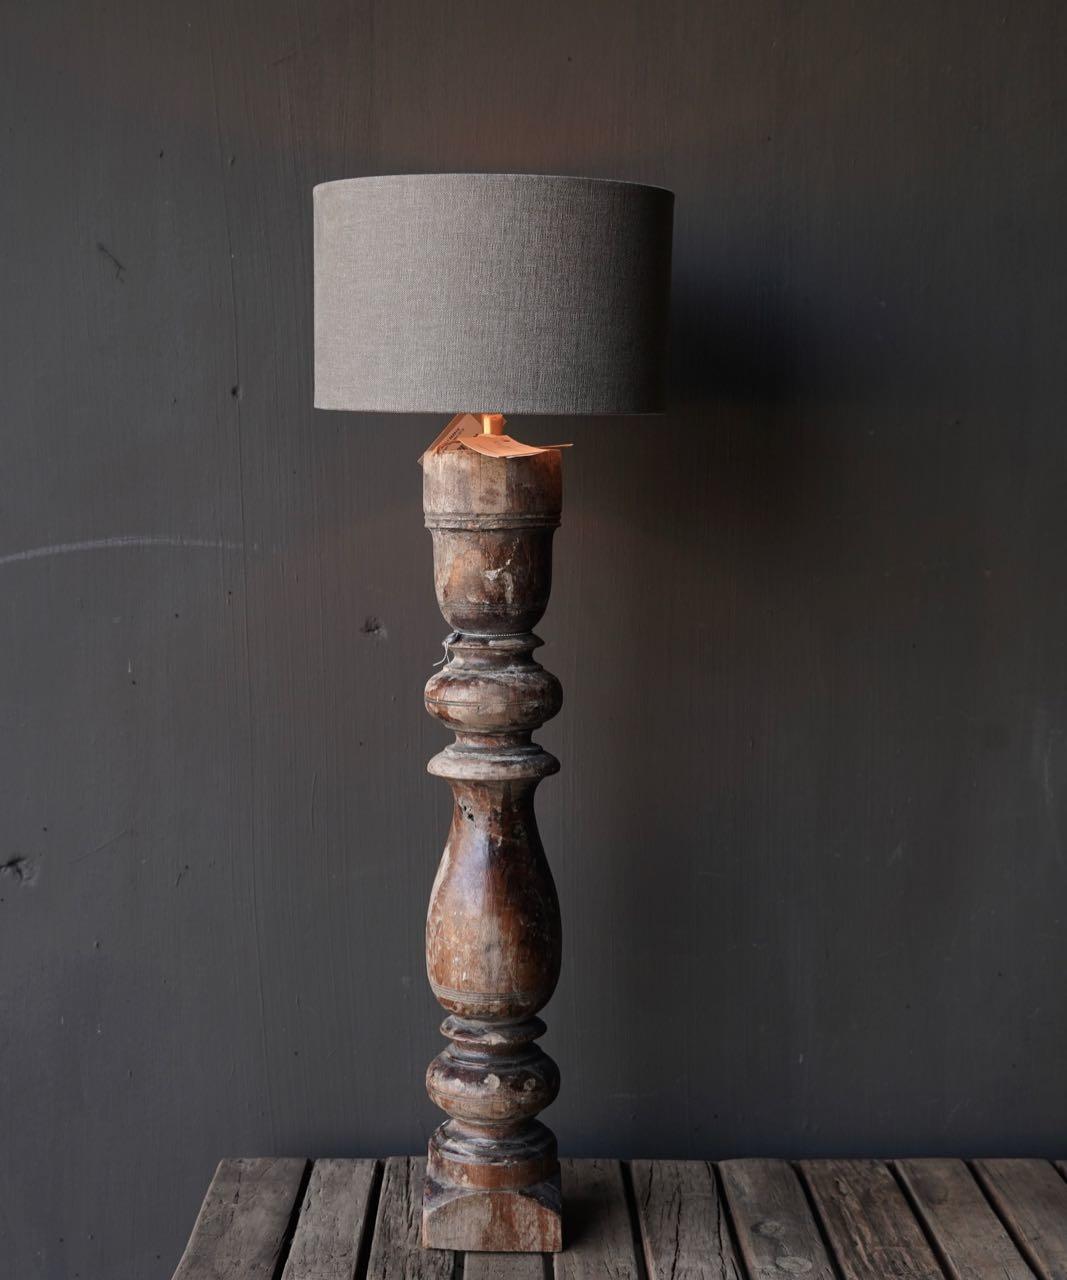 Old Wooden Baluster lamp base-1